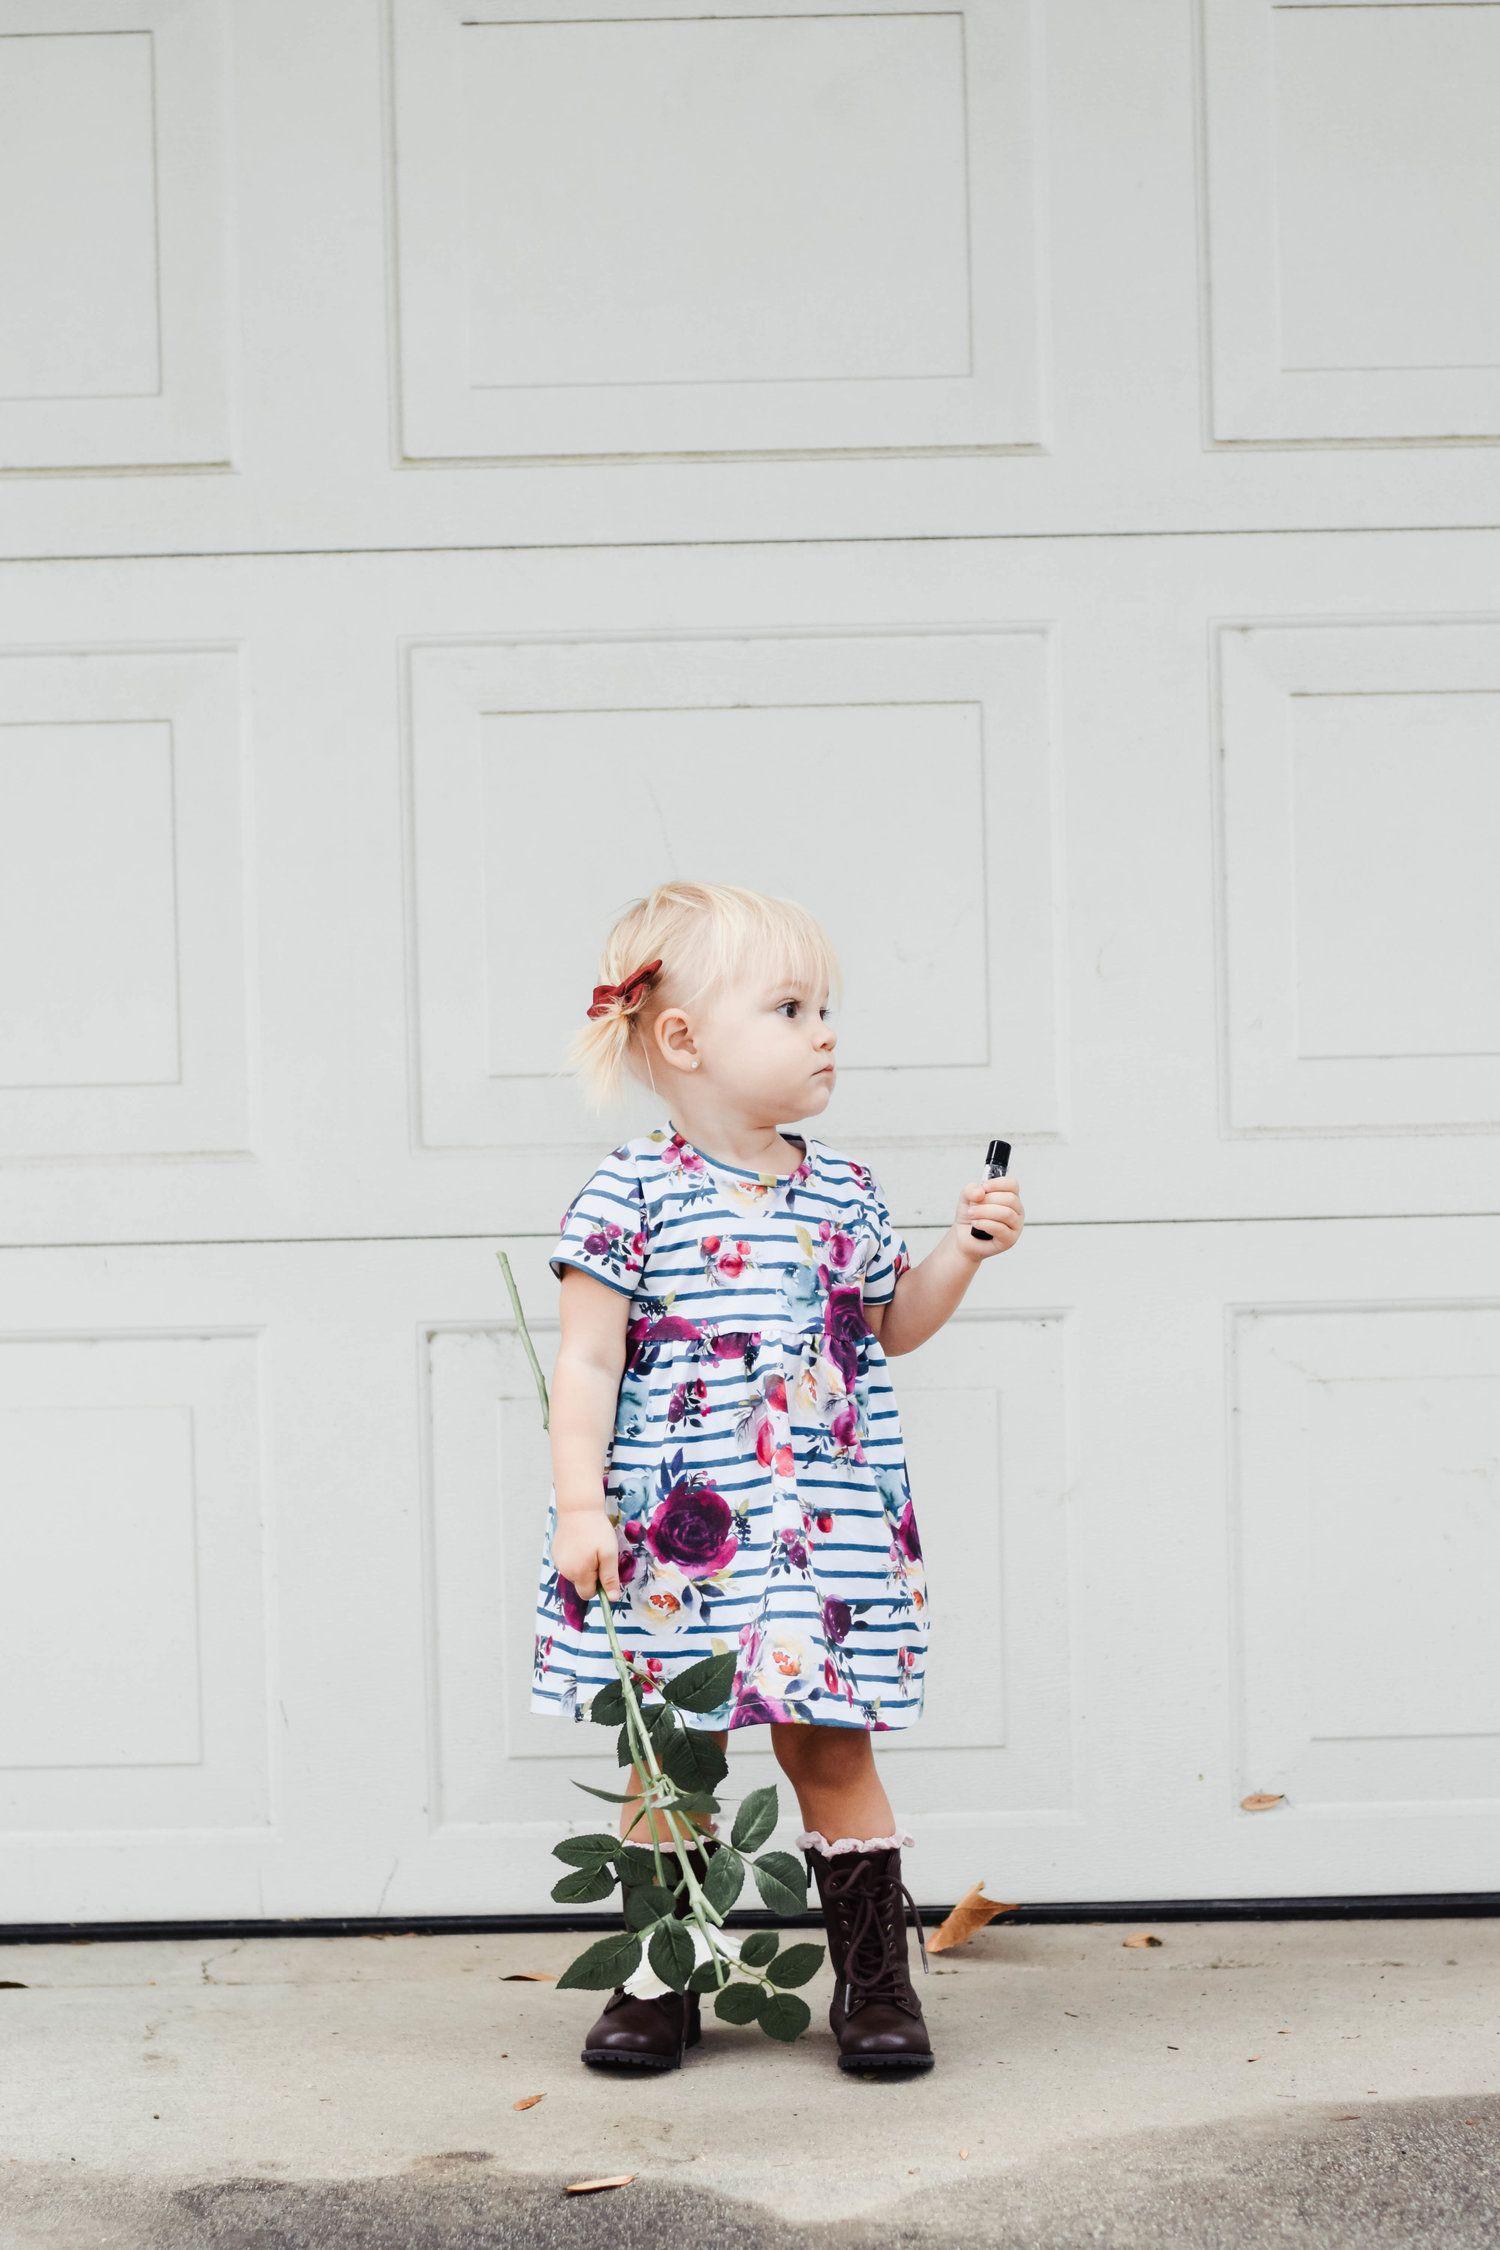 Kids Fashion | Comat Boots + Floral